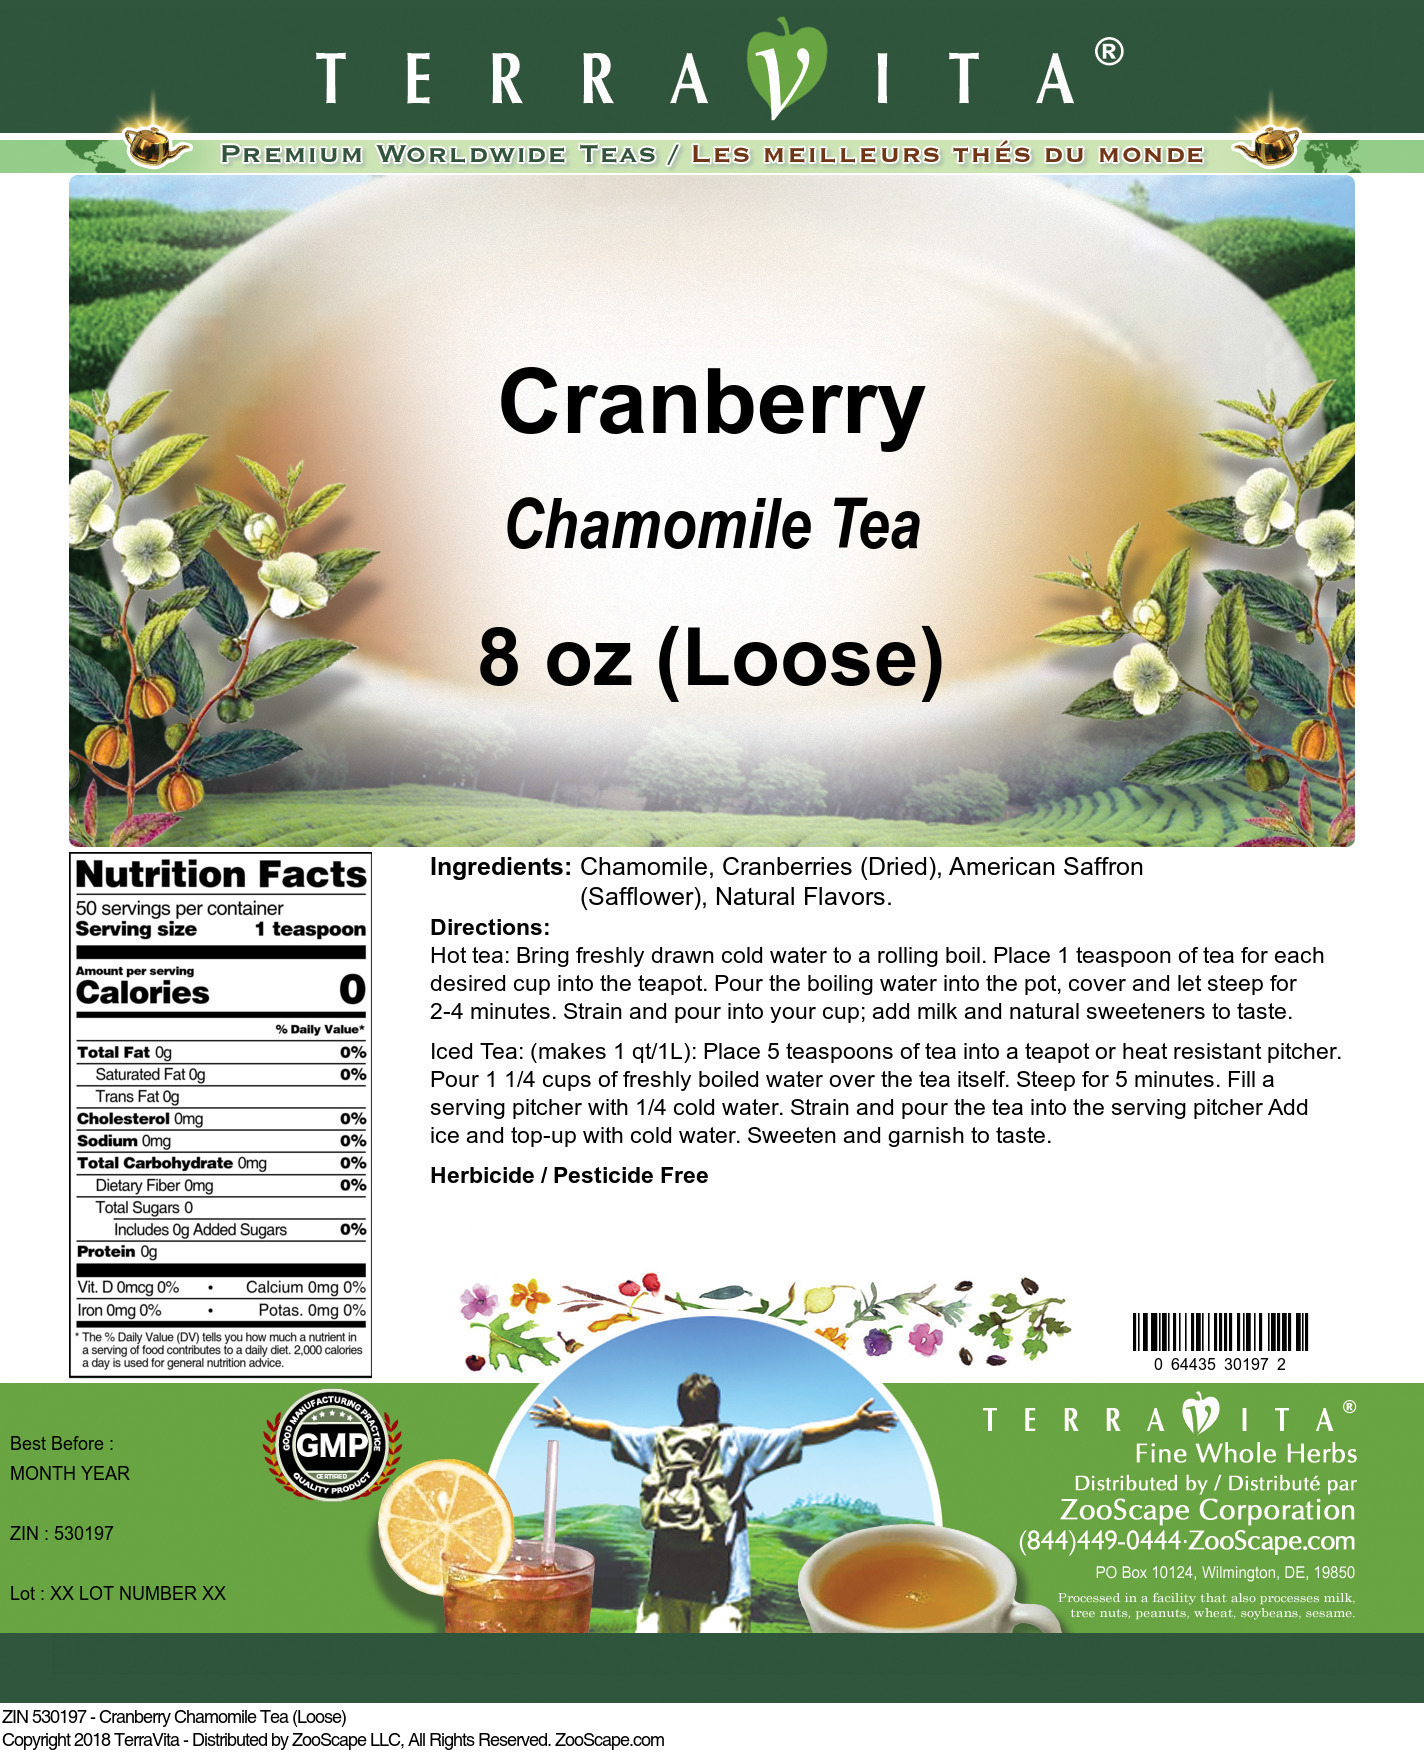 Cranberry Chamomile Tea (Loose)